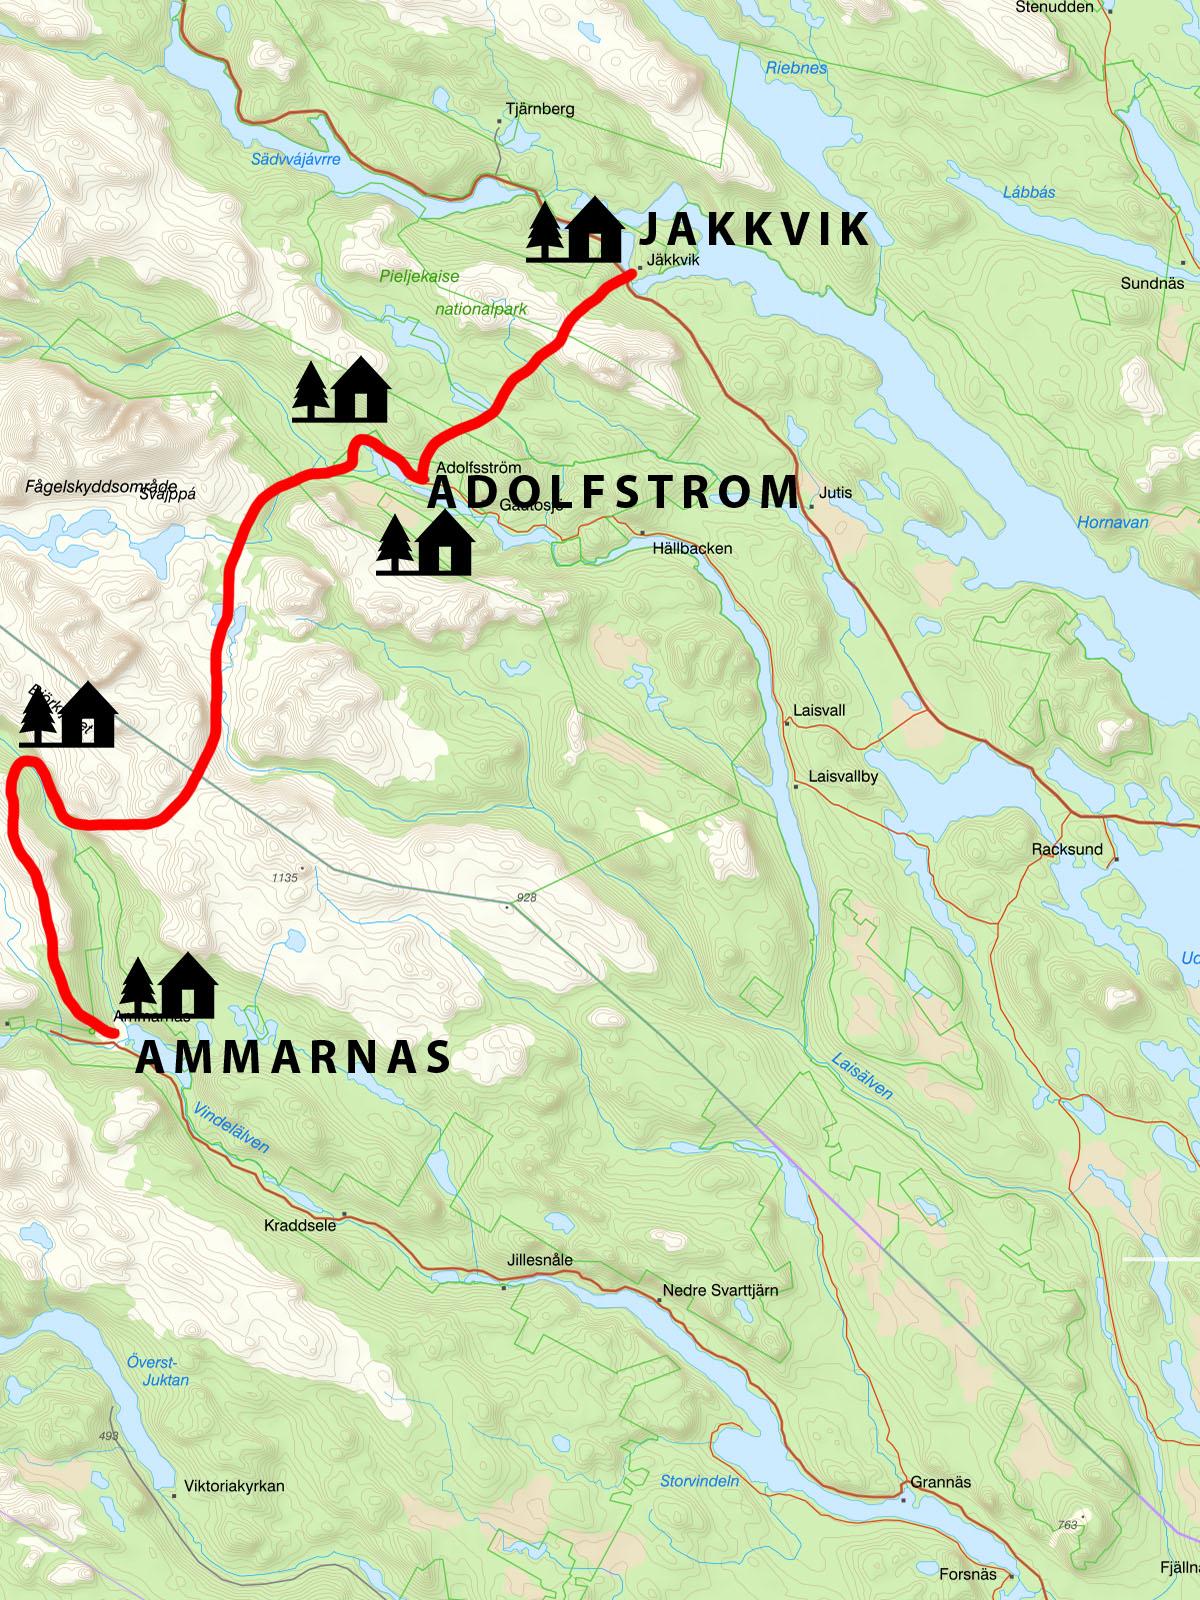 KKungsleden trail map - Jakkvik to Ammarnas